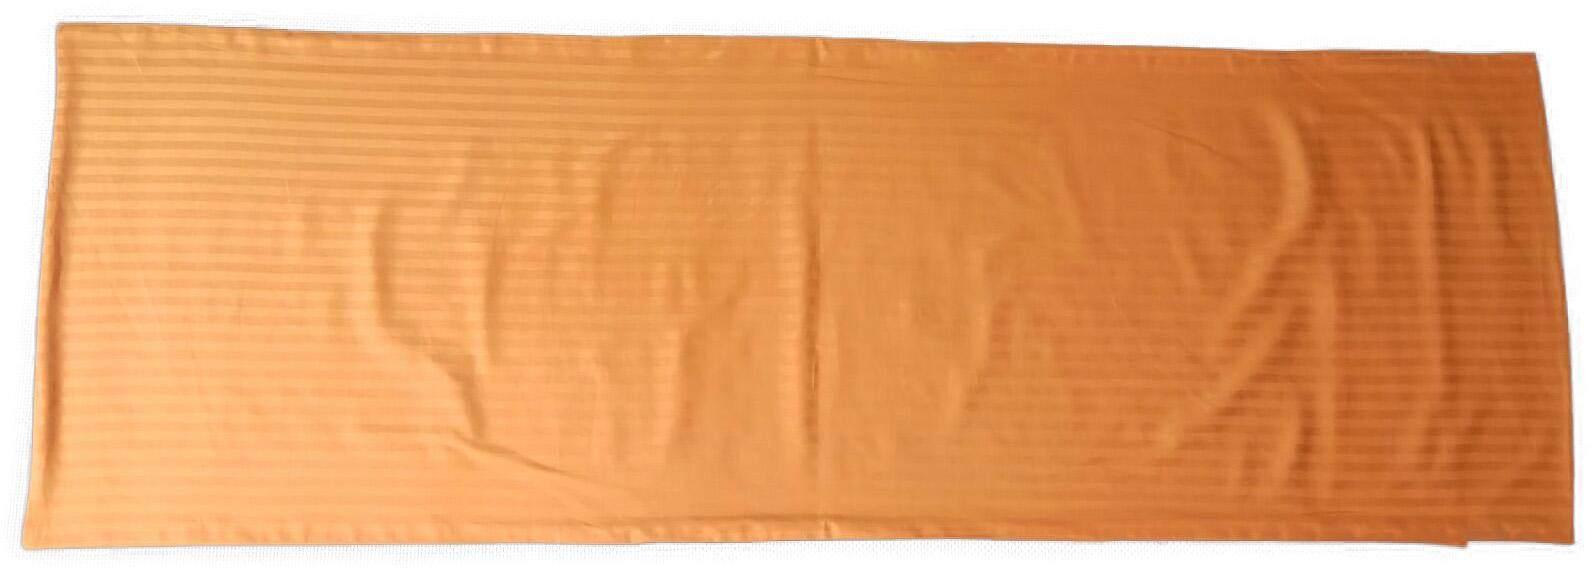 Body Pillow Cover (Orange) 1.jpg